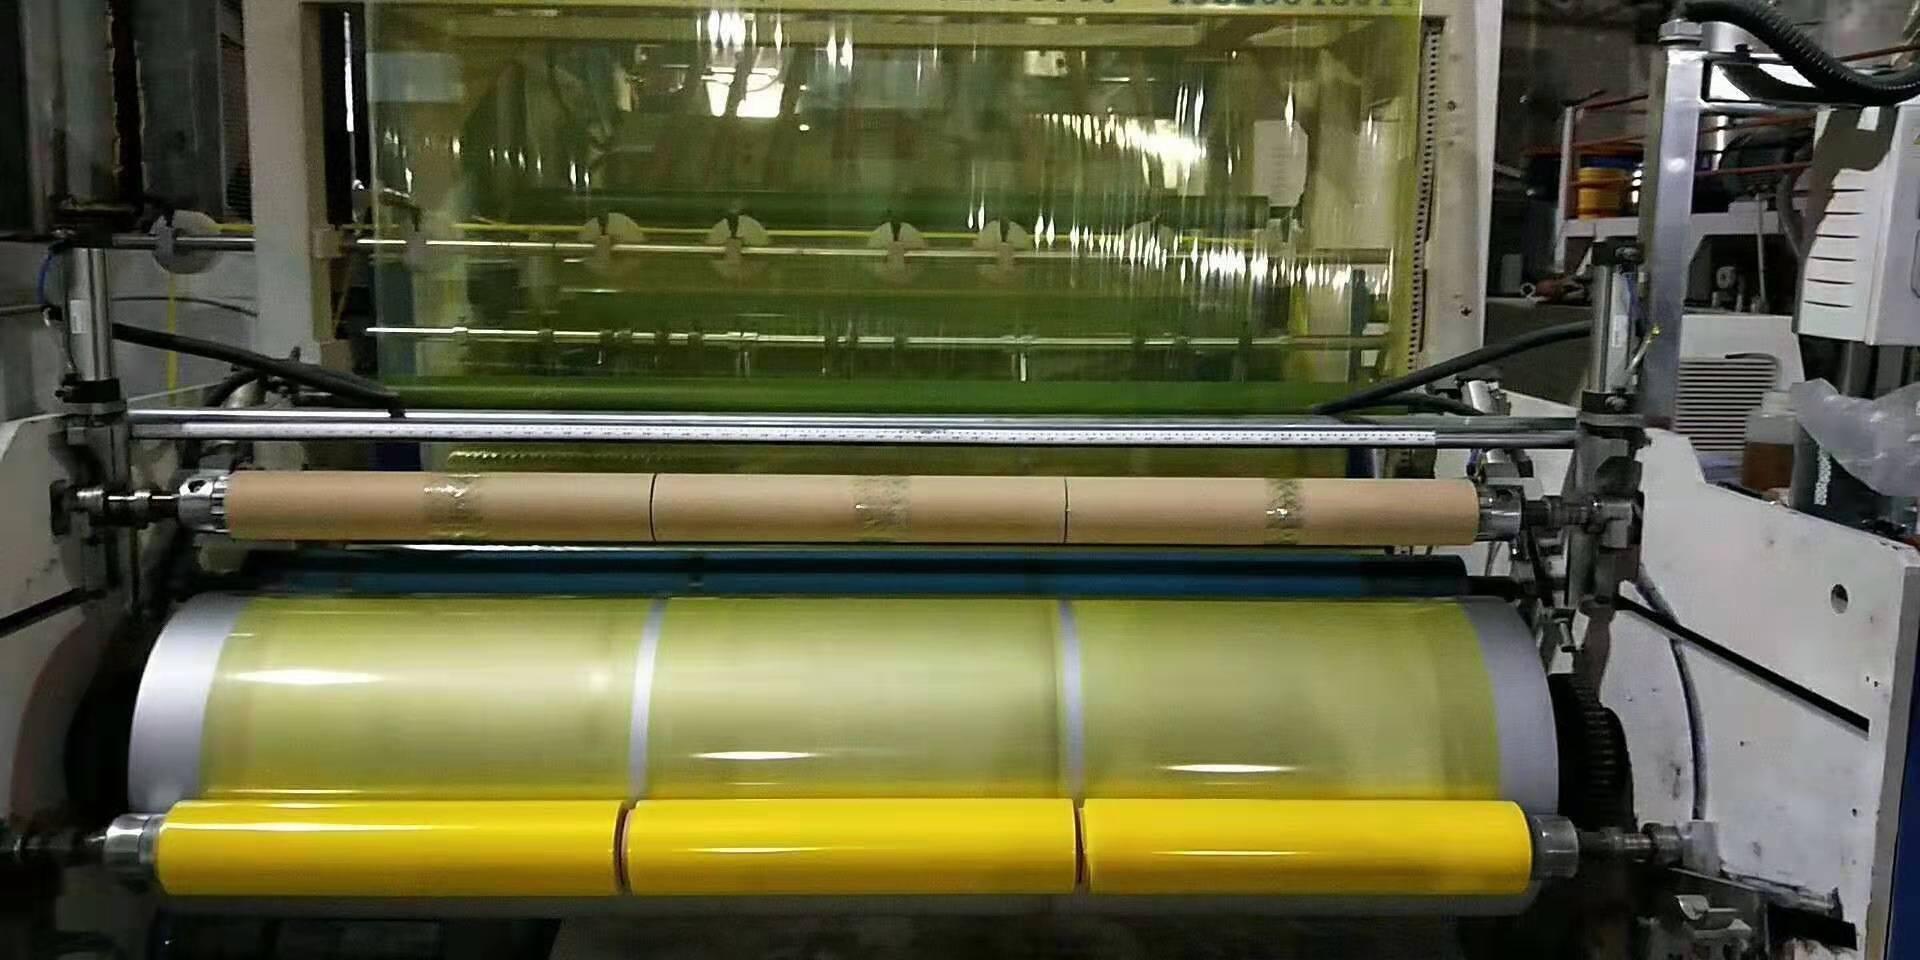 济南拉伸缠绕膜厂家,拉伸缠绕膜定做,山东凯祥包装